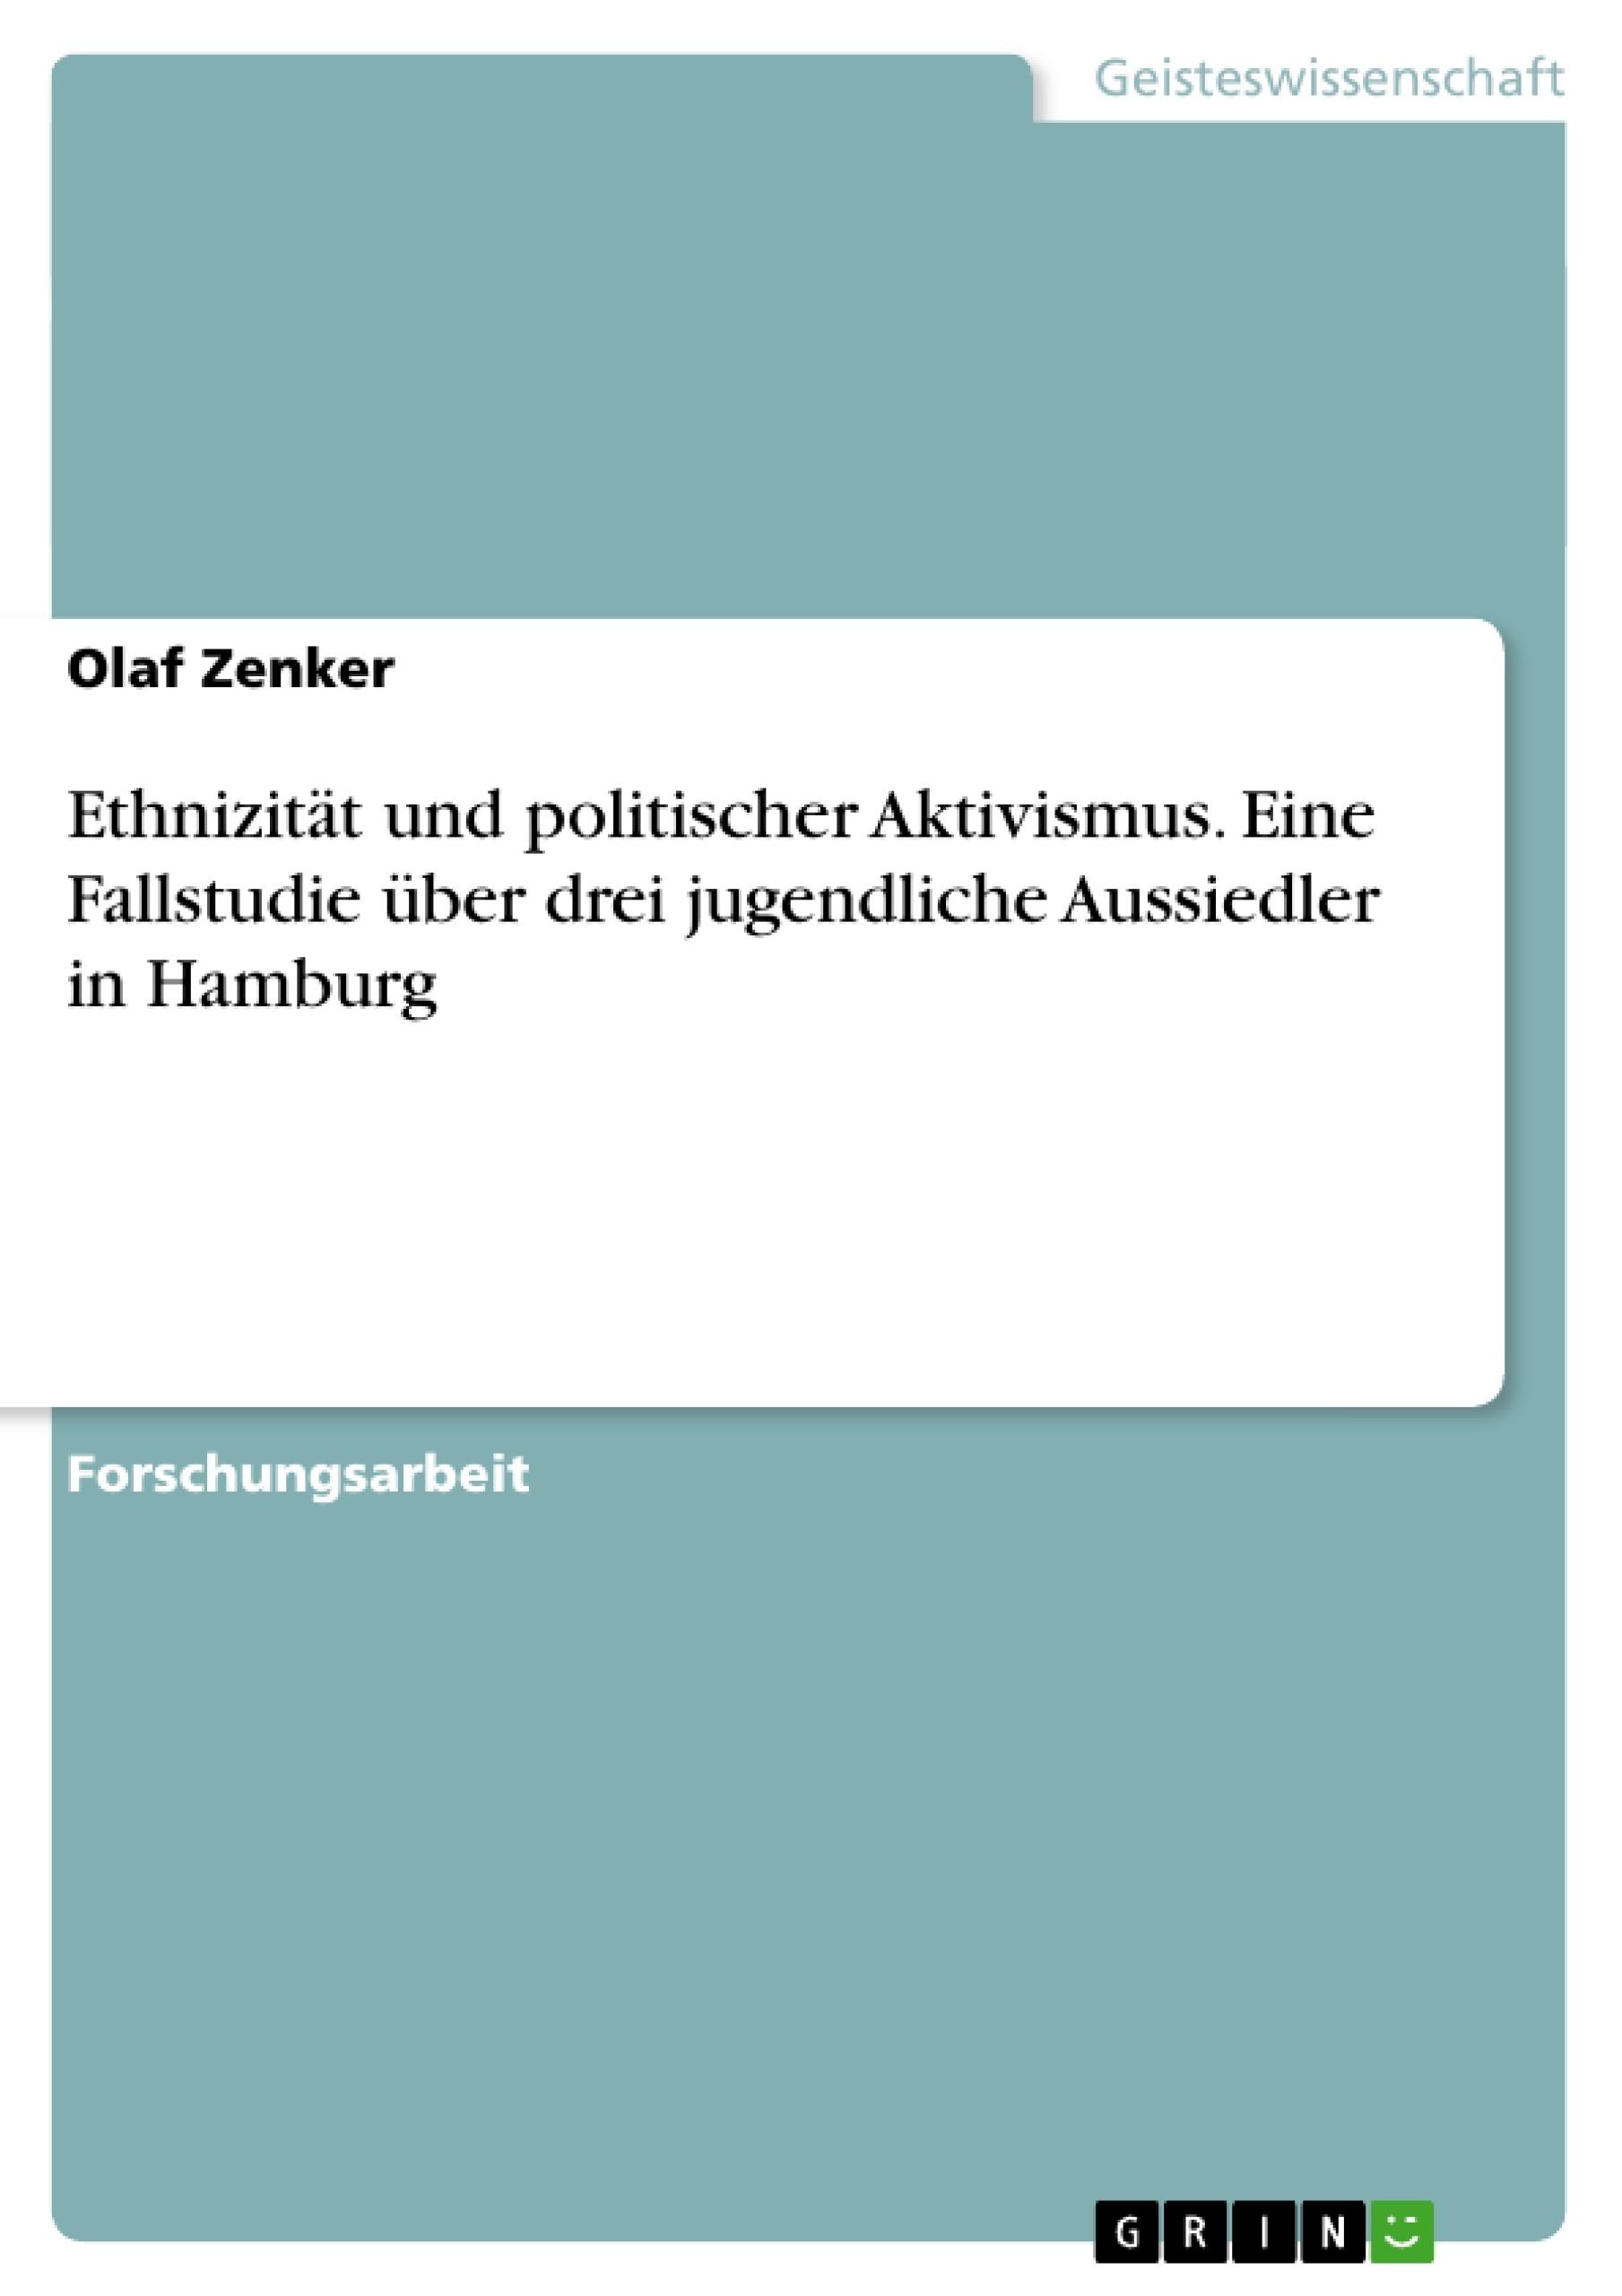 Titel: Ethnizität und politischer Aktivismus. Eine Fallstudie über drei jugendliche Aussiedler in Hamburg